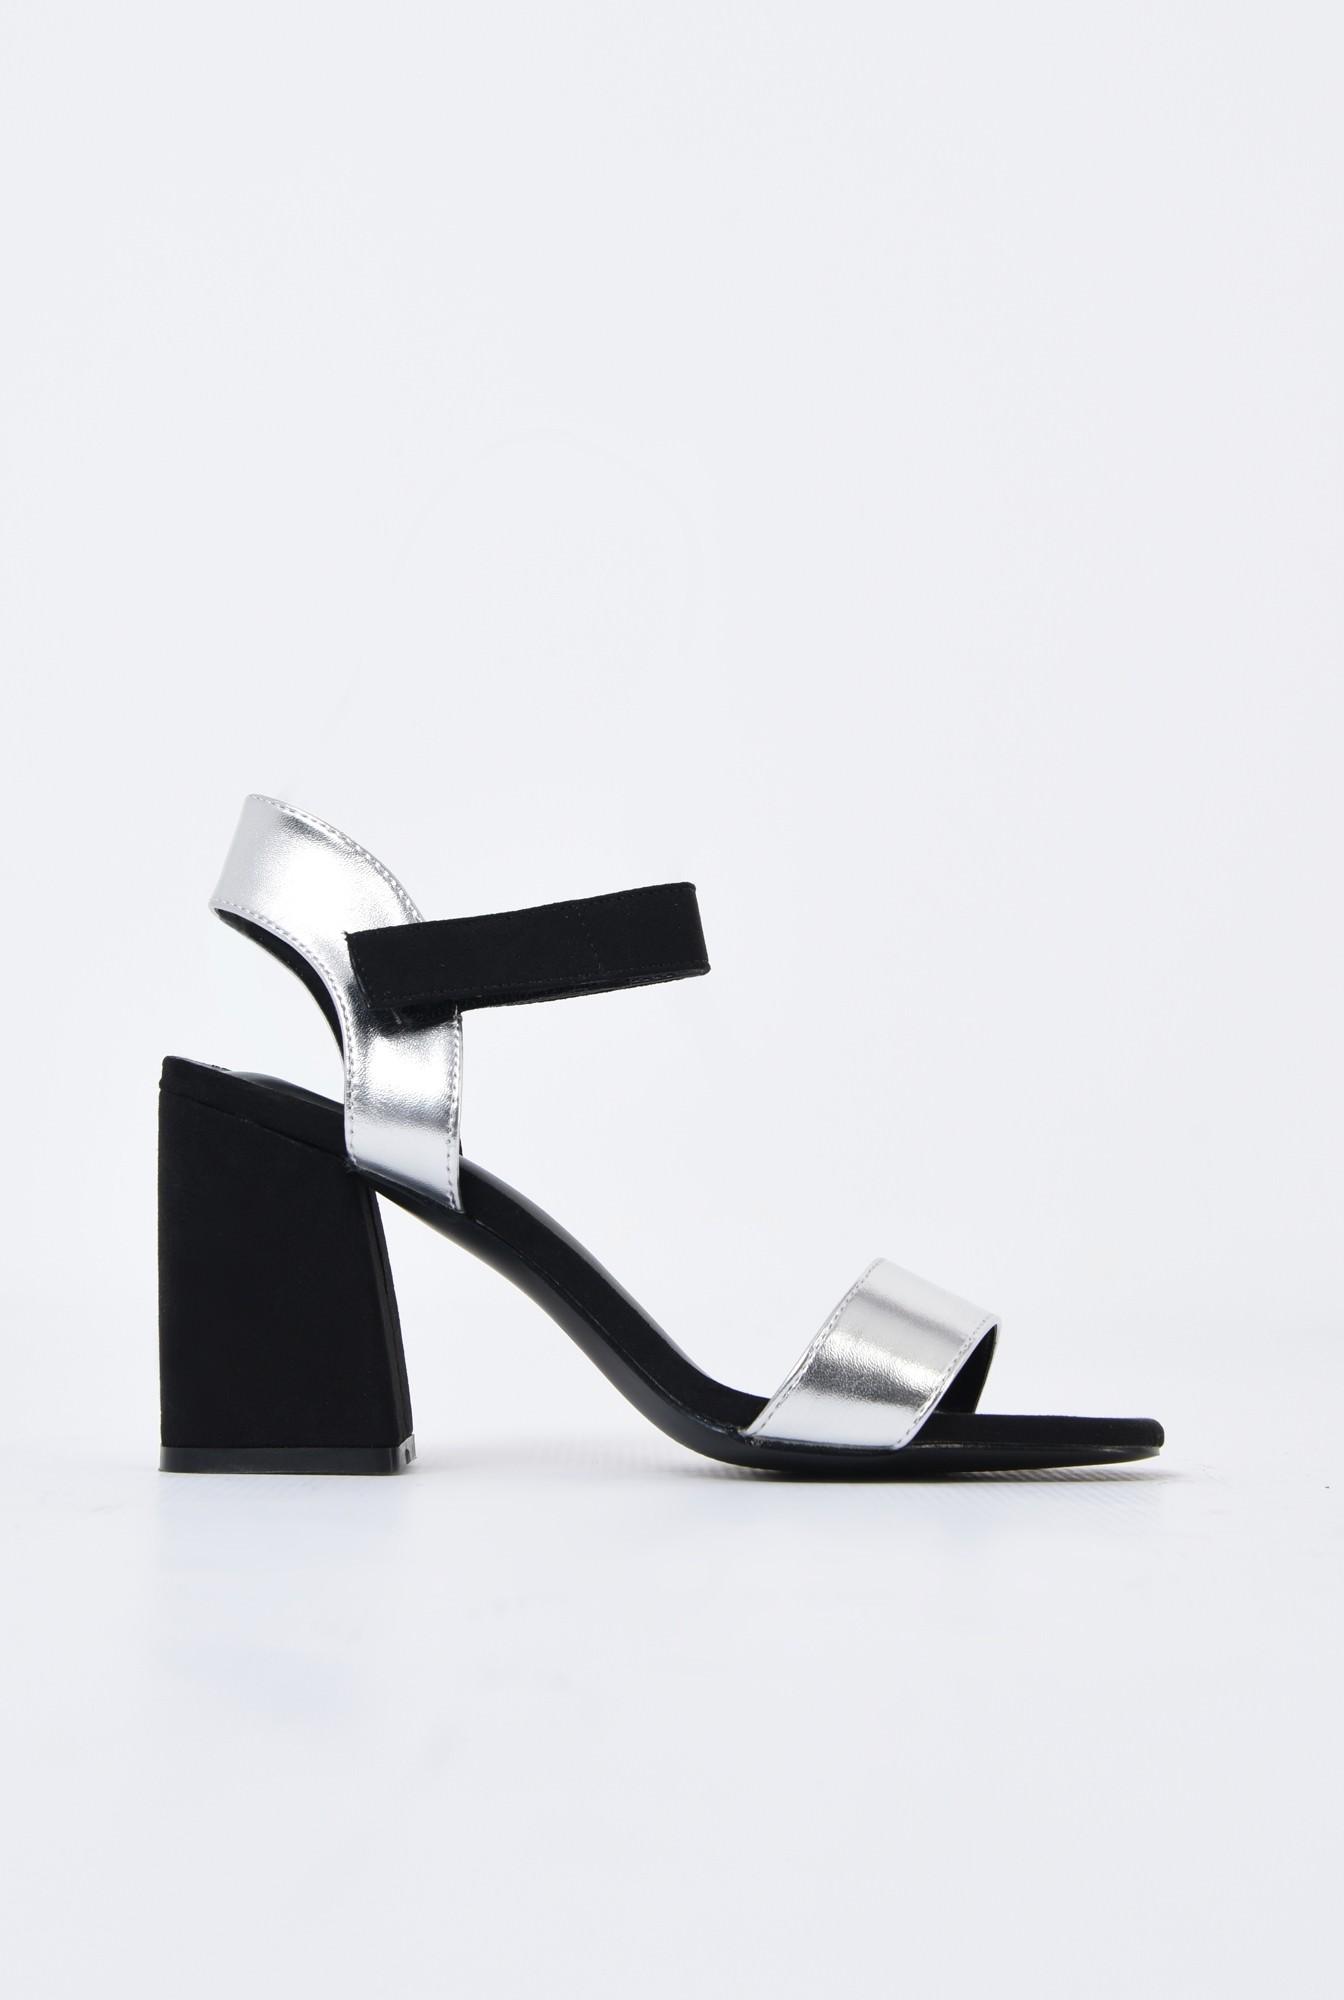 sandale casual, bicolore, negru, argintiu, inchidere cu scai